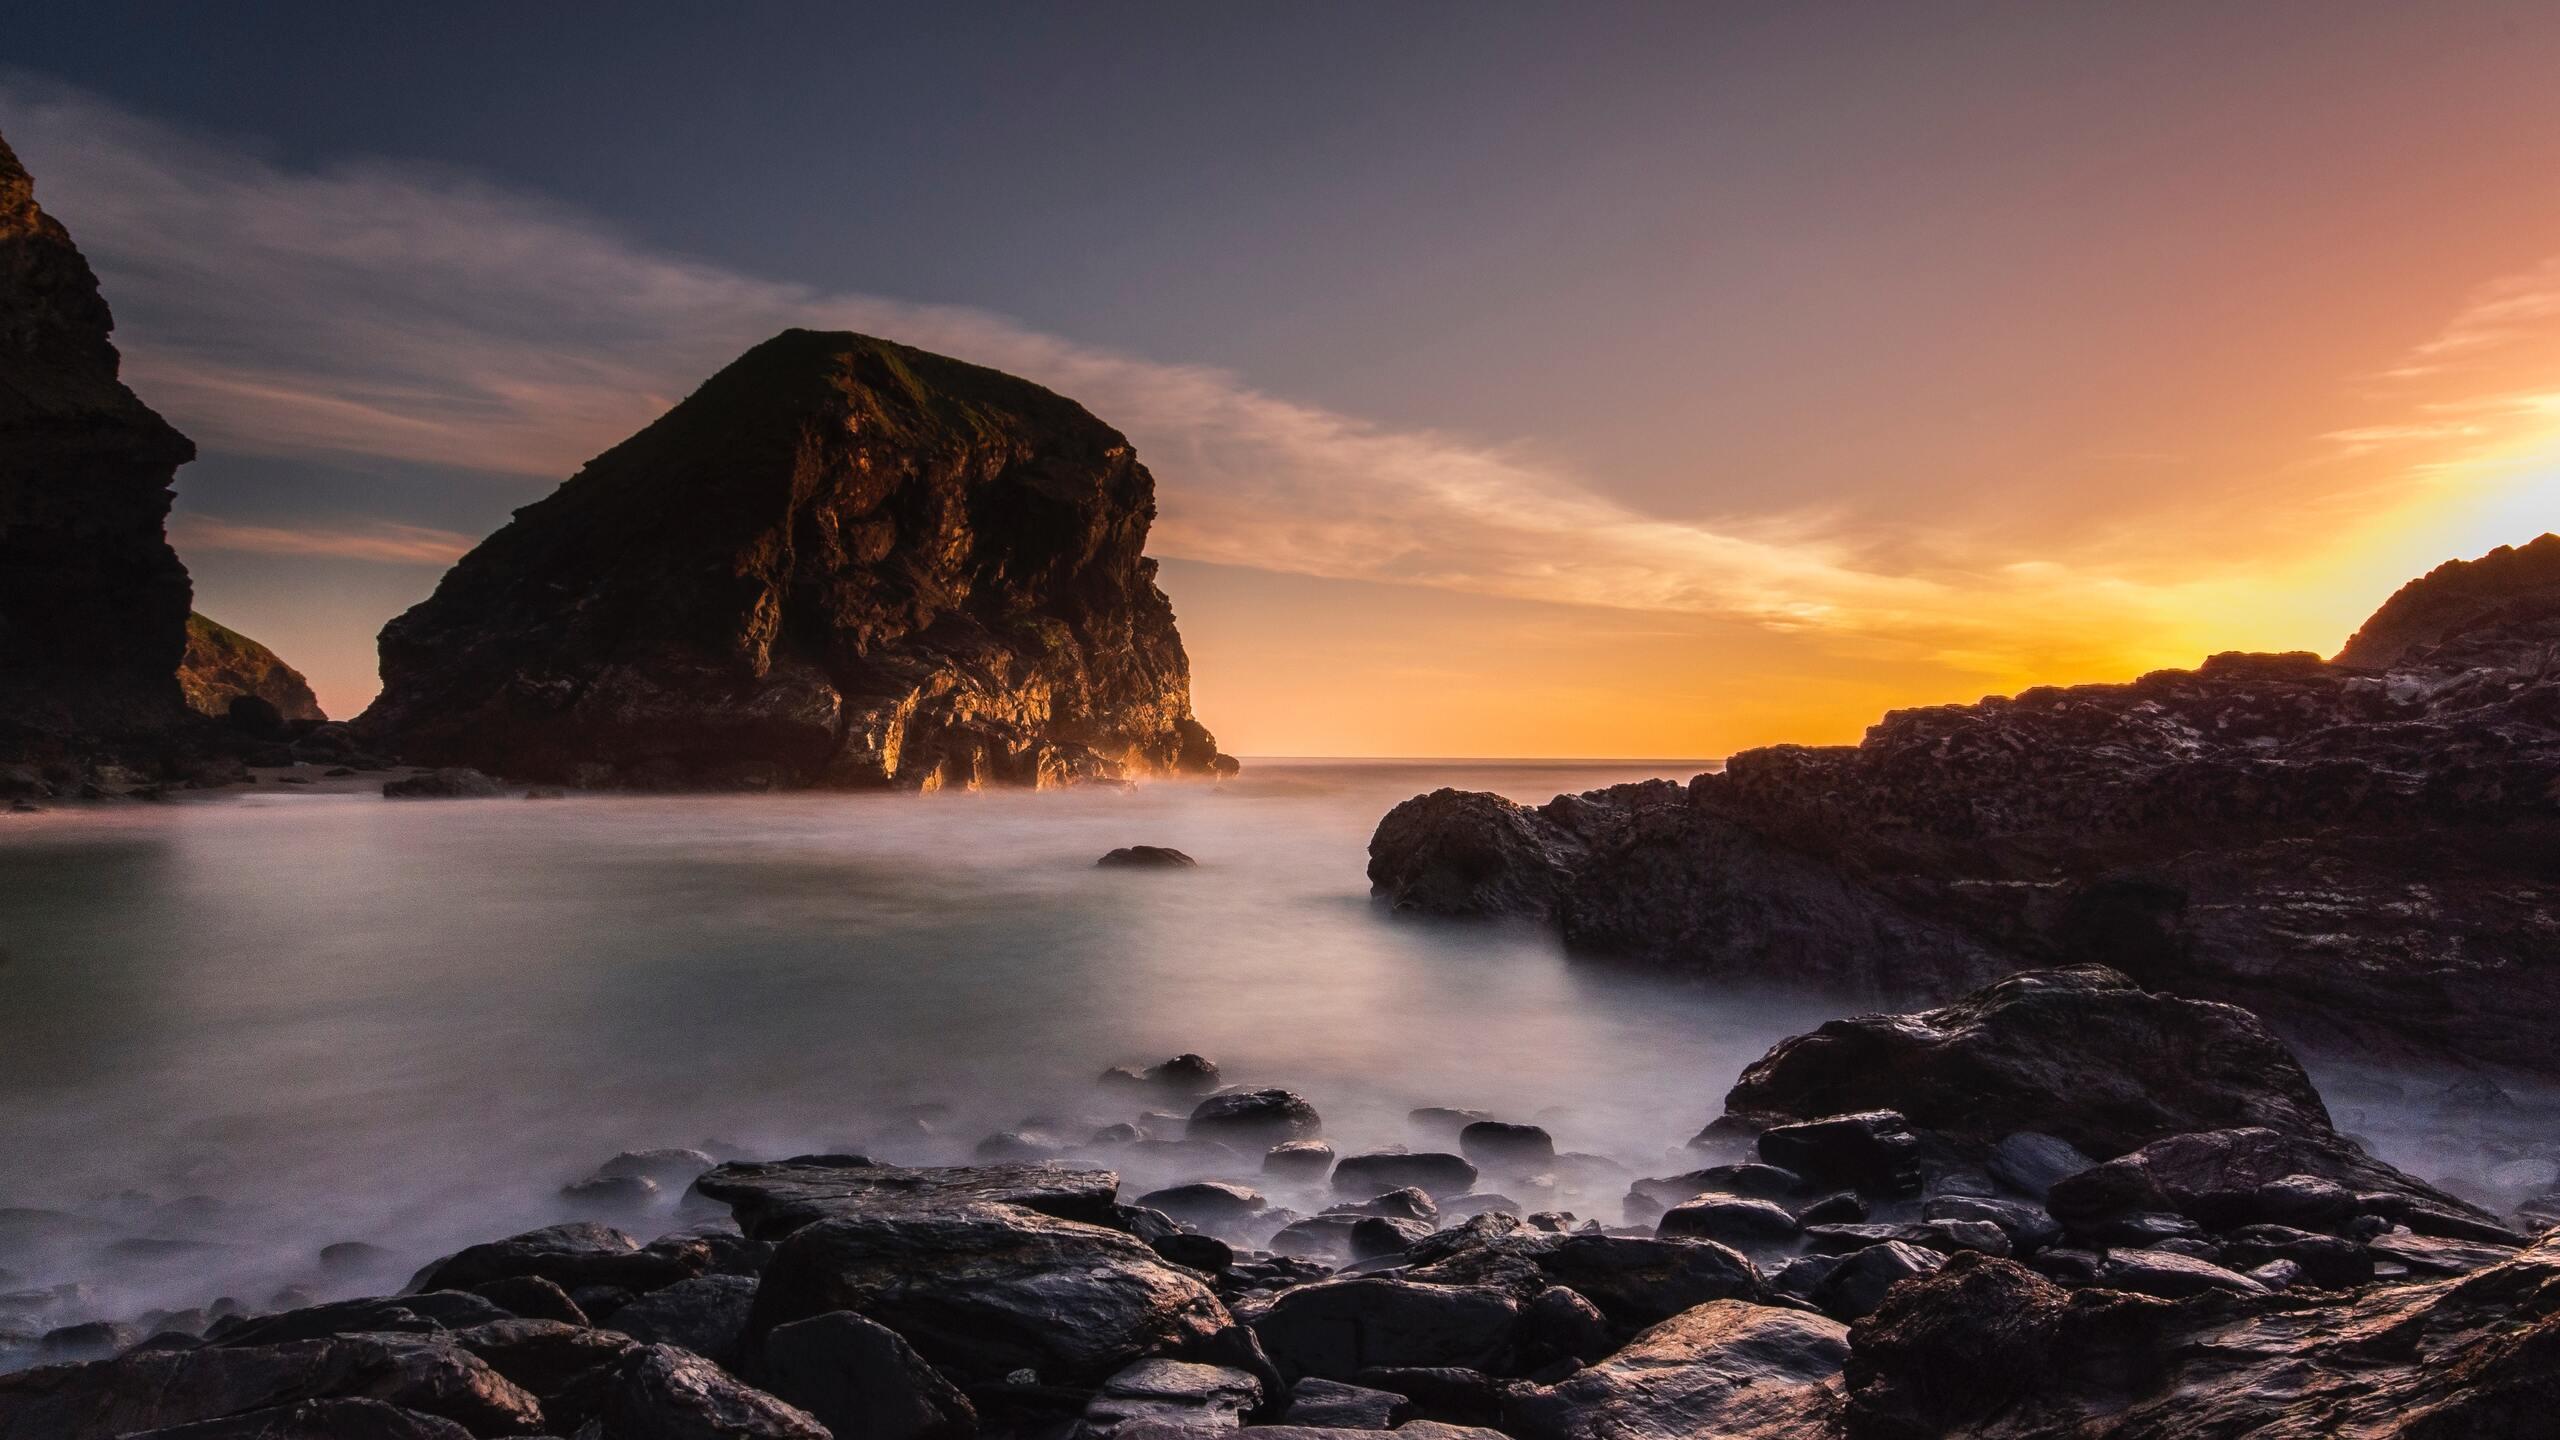 2560x1440 Beach Rocks Clouds Golden Hour 5k 1440p Resolution